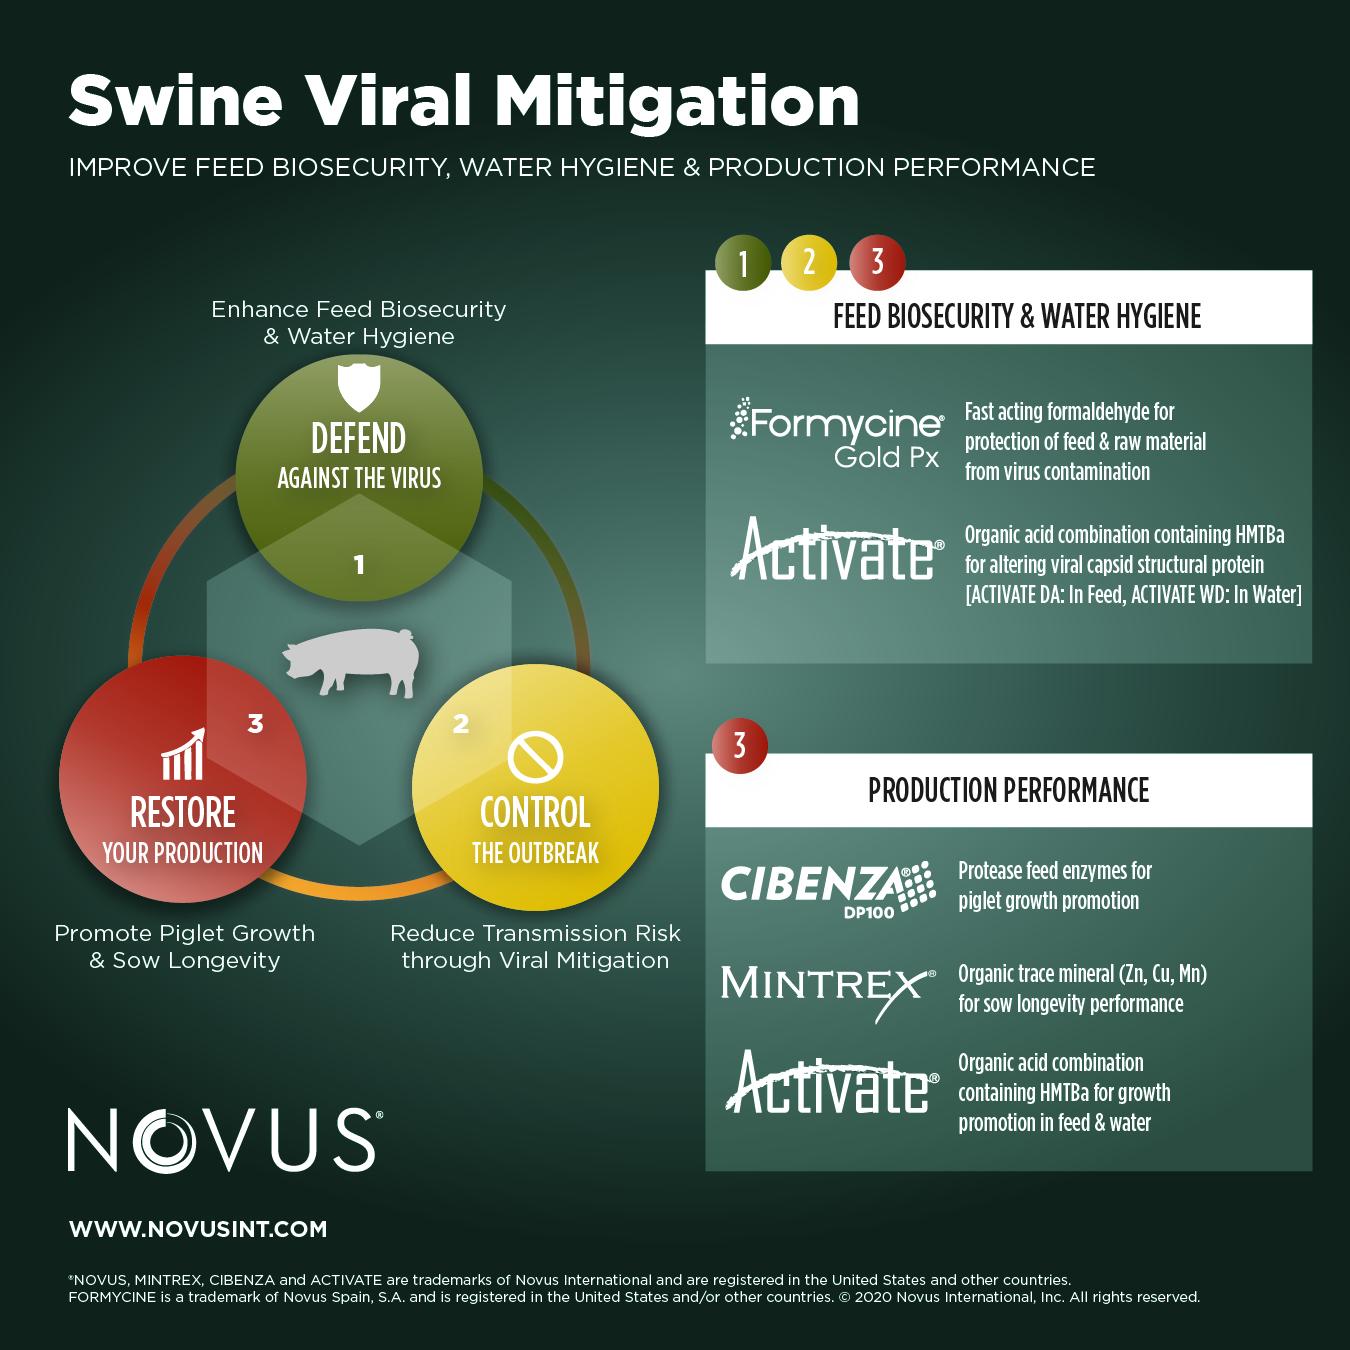 Swine Viral Mitigation